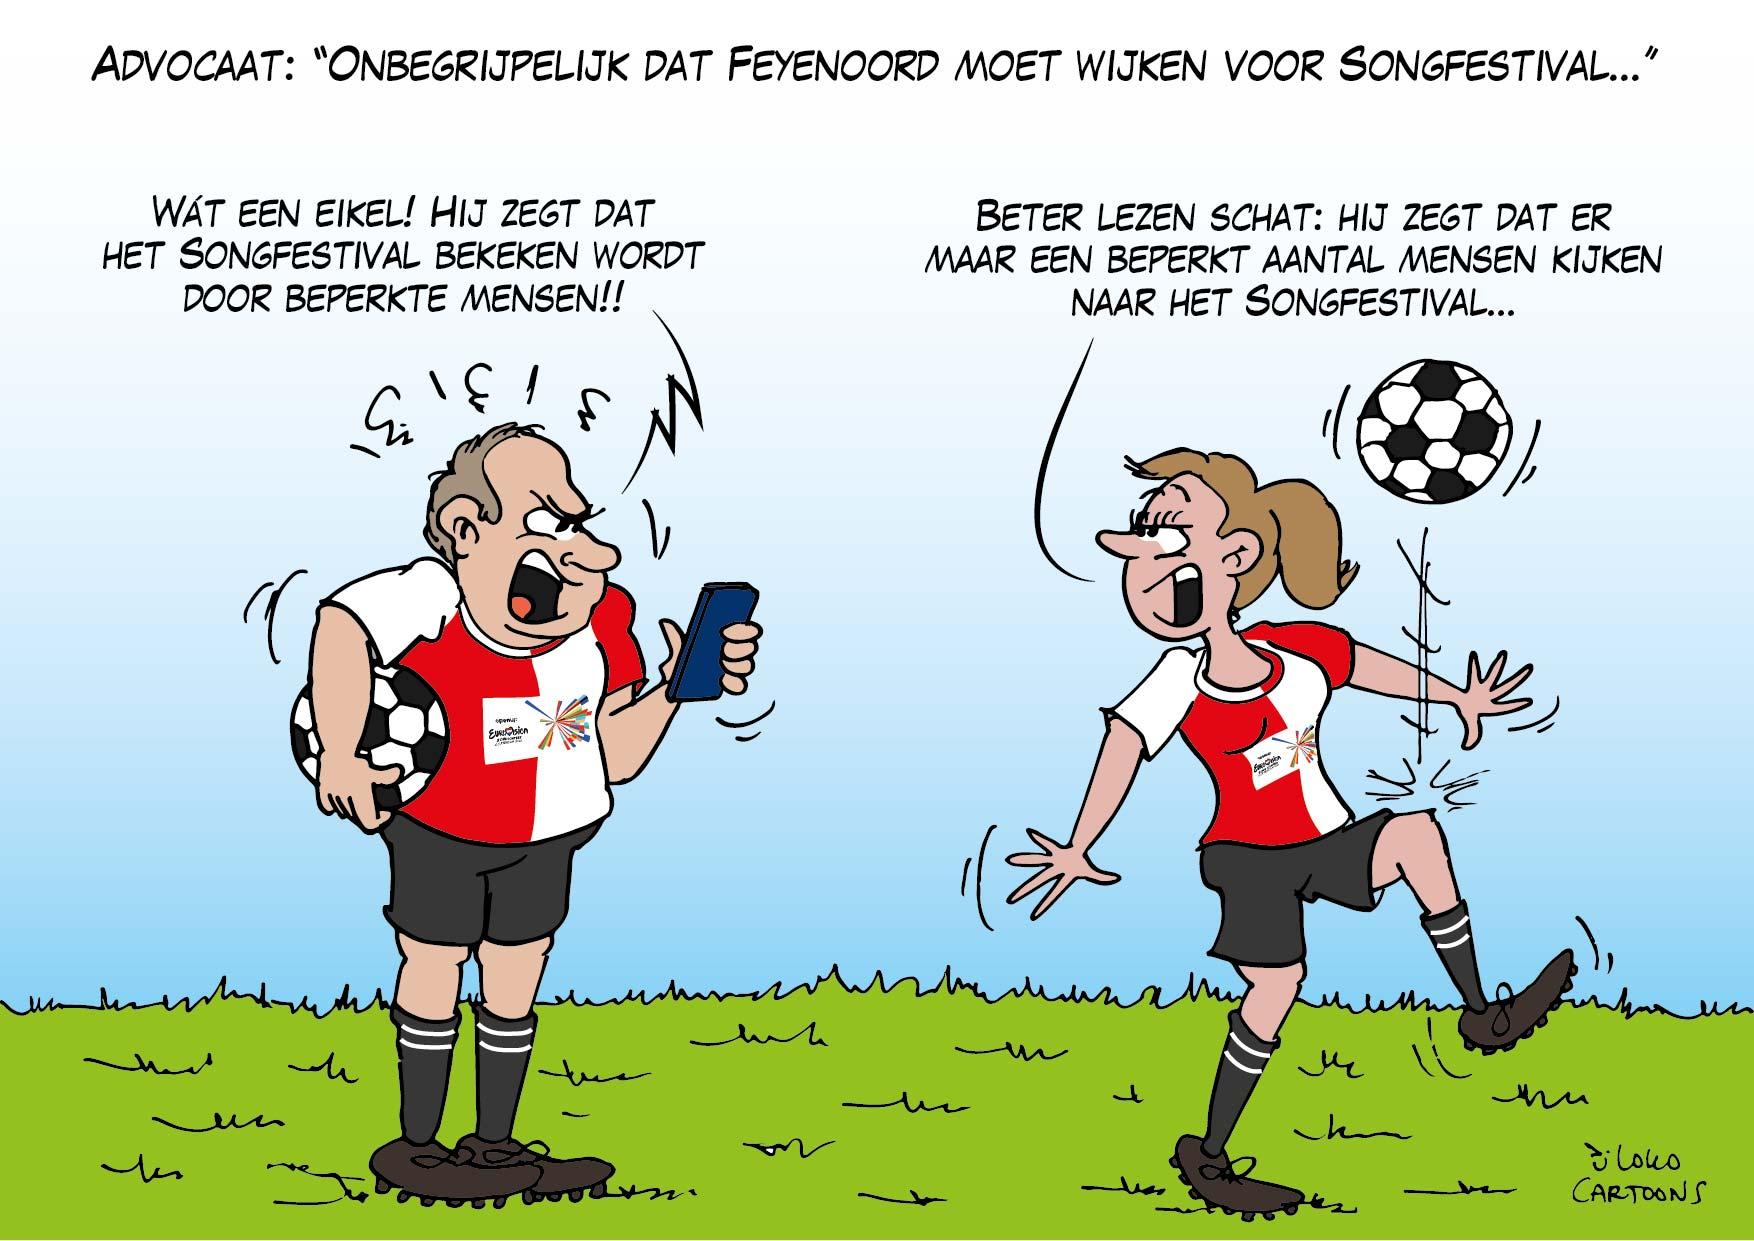 """Advocaat: """"Onbegrijpelijk dat Feyenoord moet wijken voor Songfestival""""…"""